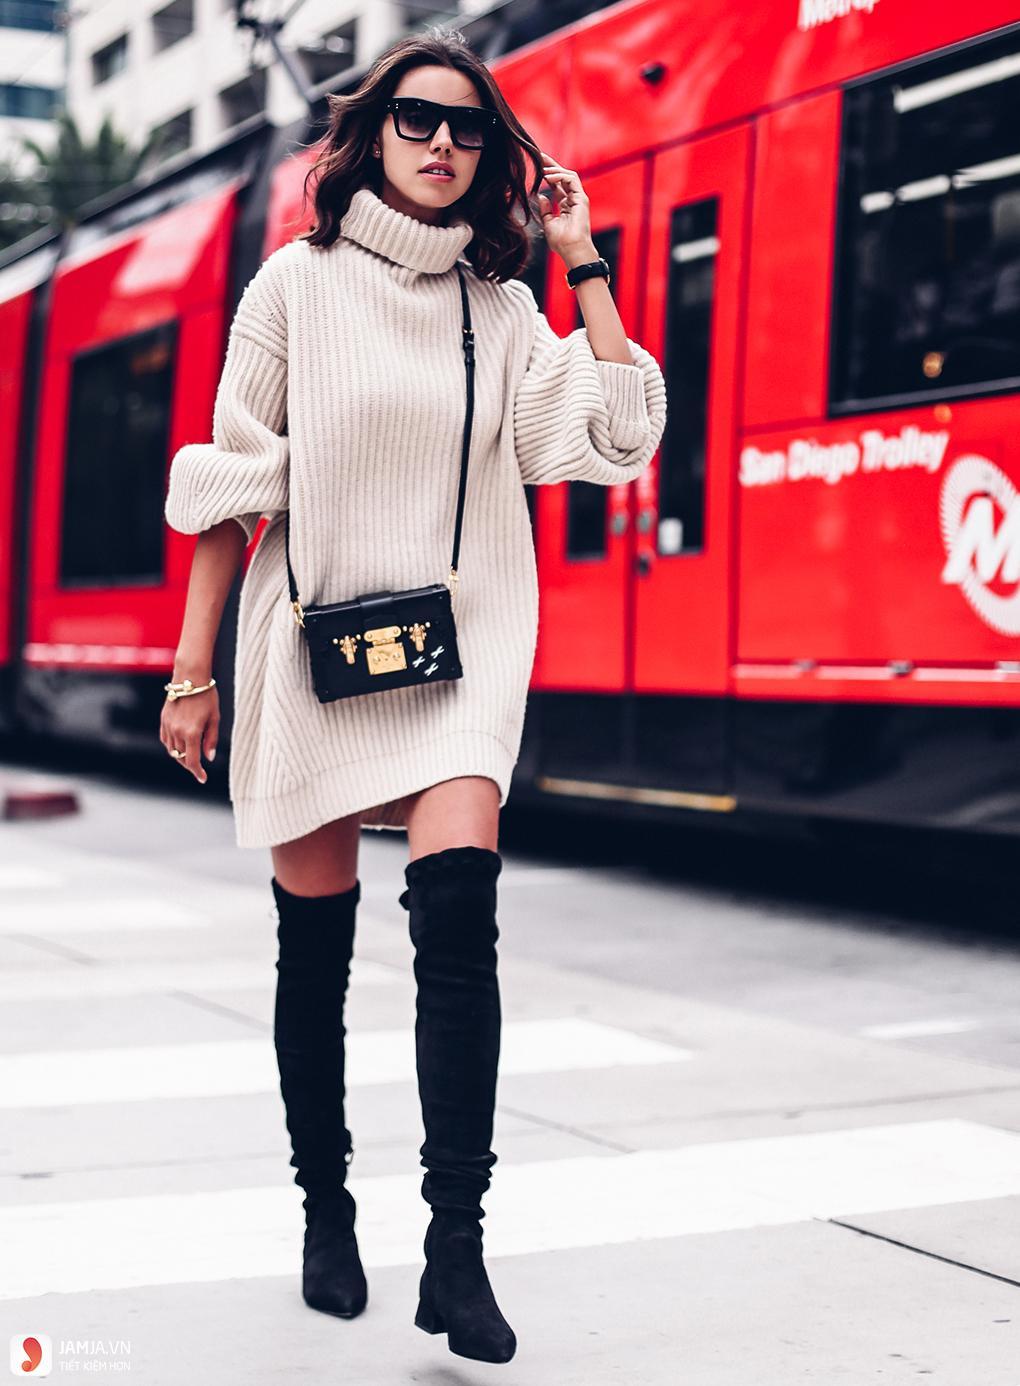 Diện boot cùng áo len dáng dài